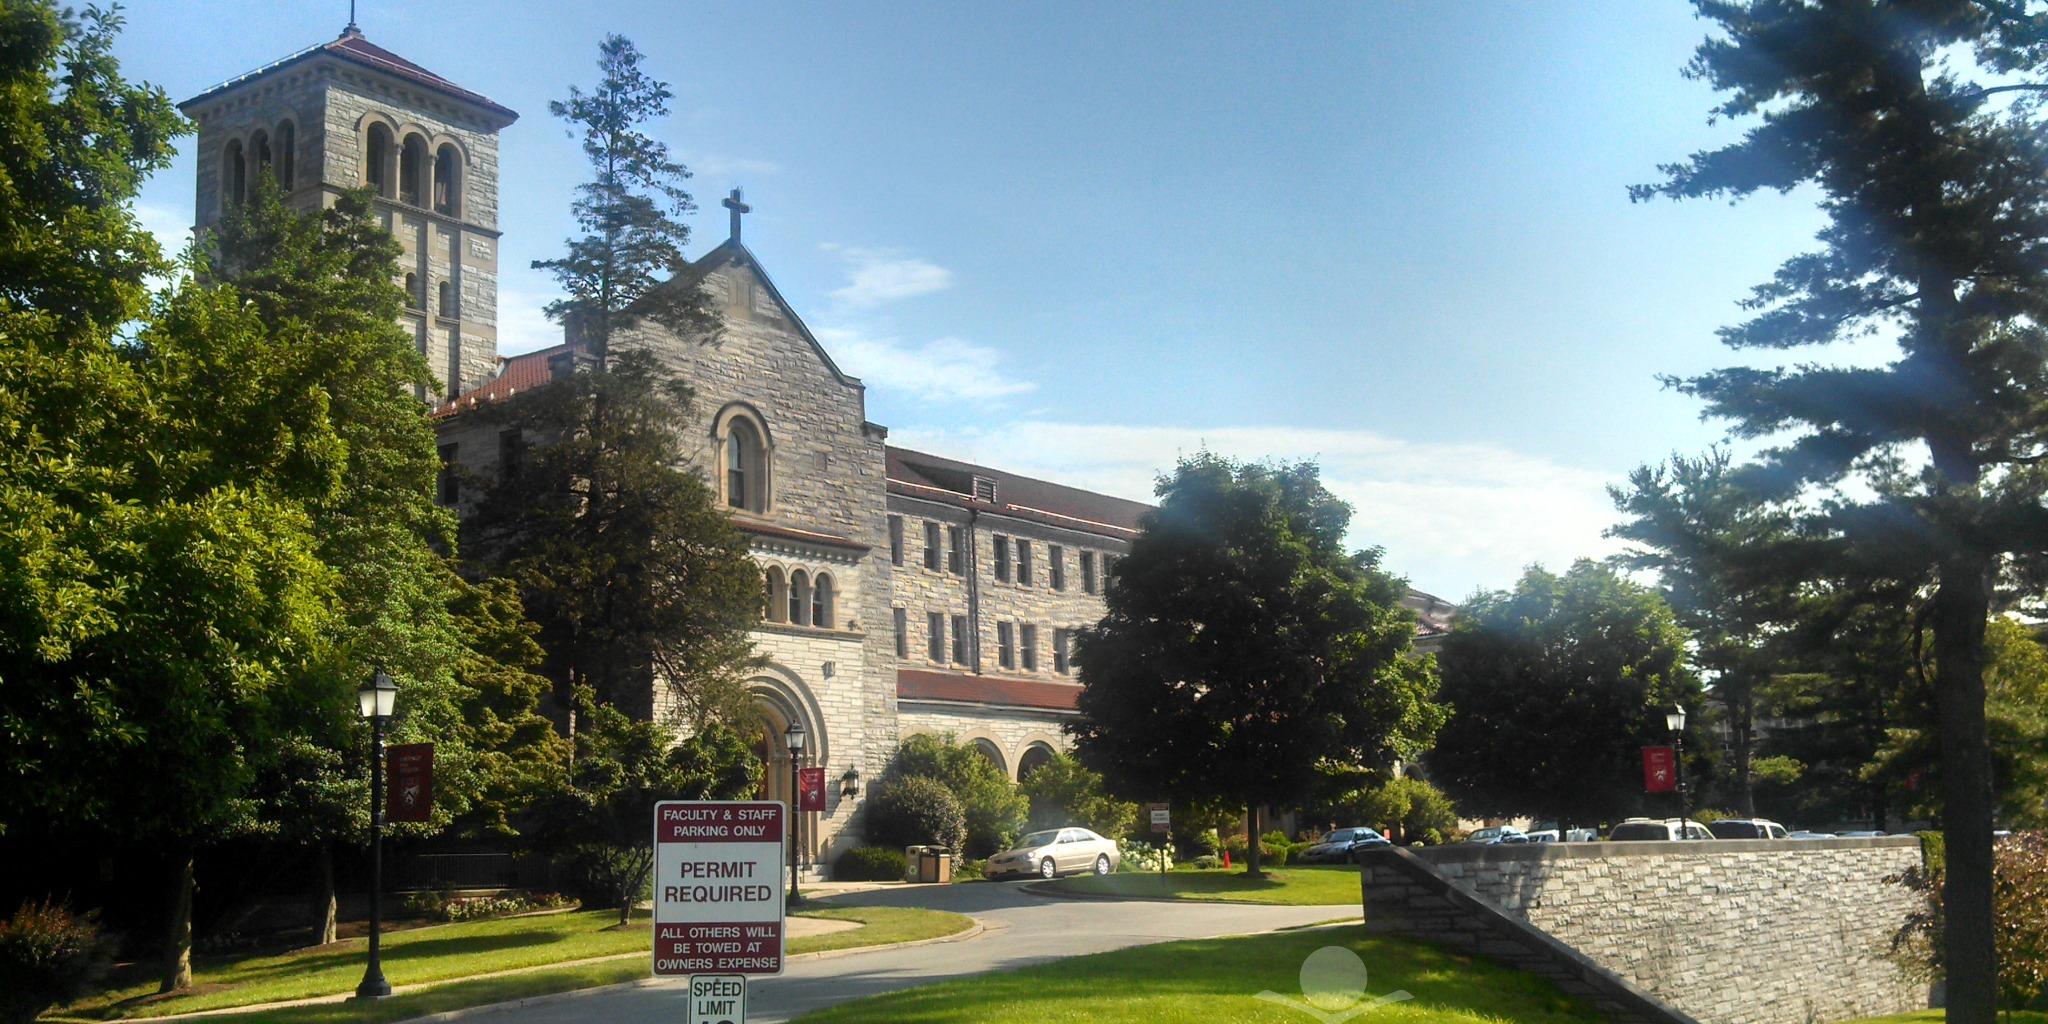 中高生むけ 15才以上夏休み留学 アメリカ・フィラデルフィア チェストナットヒルズ 校舎 英語コース+ボランティア シニアセンターホームステイ滞在 FLS アクティビティ